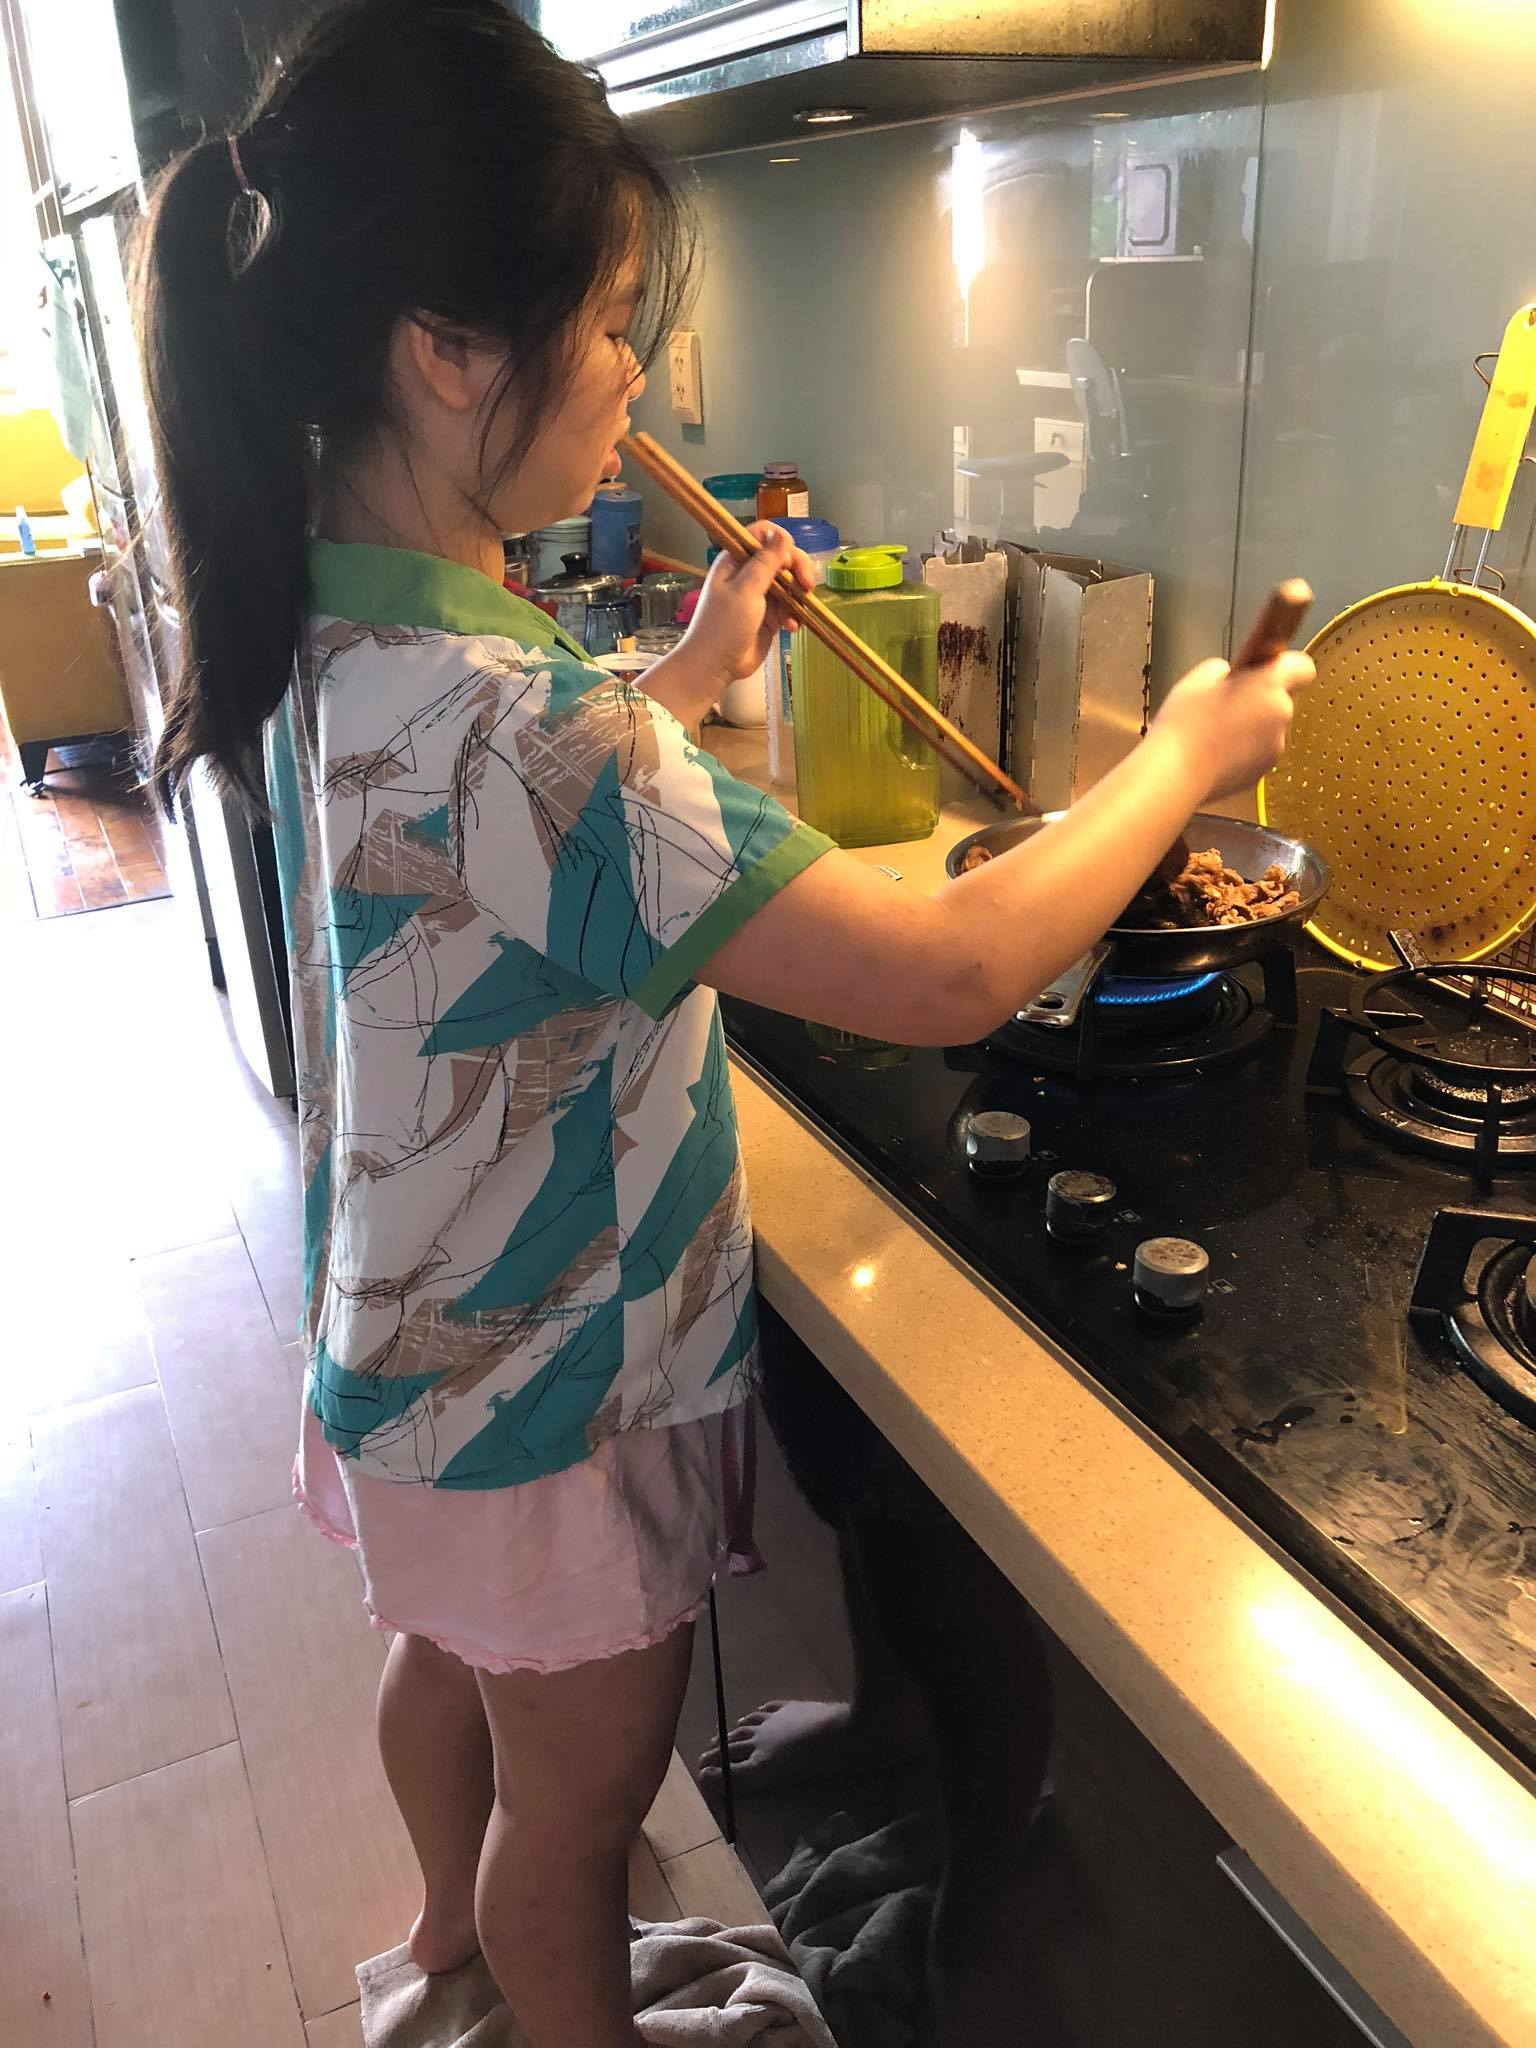 Bé Diệp Quỳnh (10 tuổi) đang giúp mẹ chuẩn bị bữa ăn.